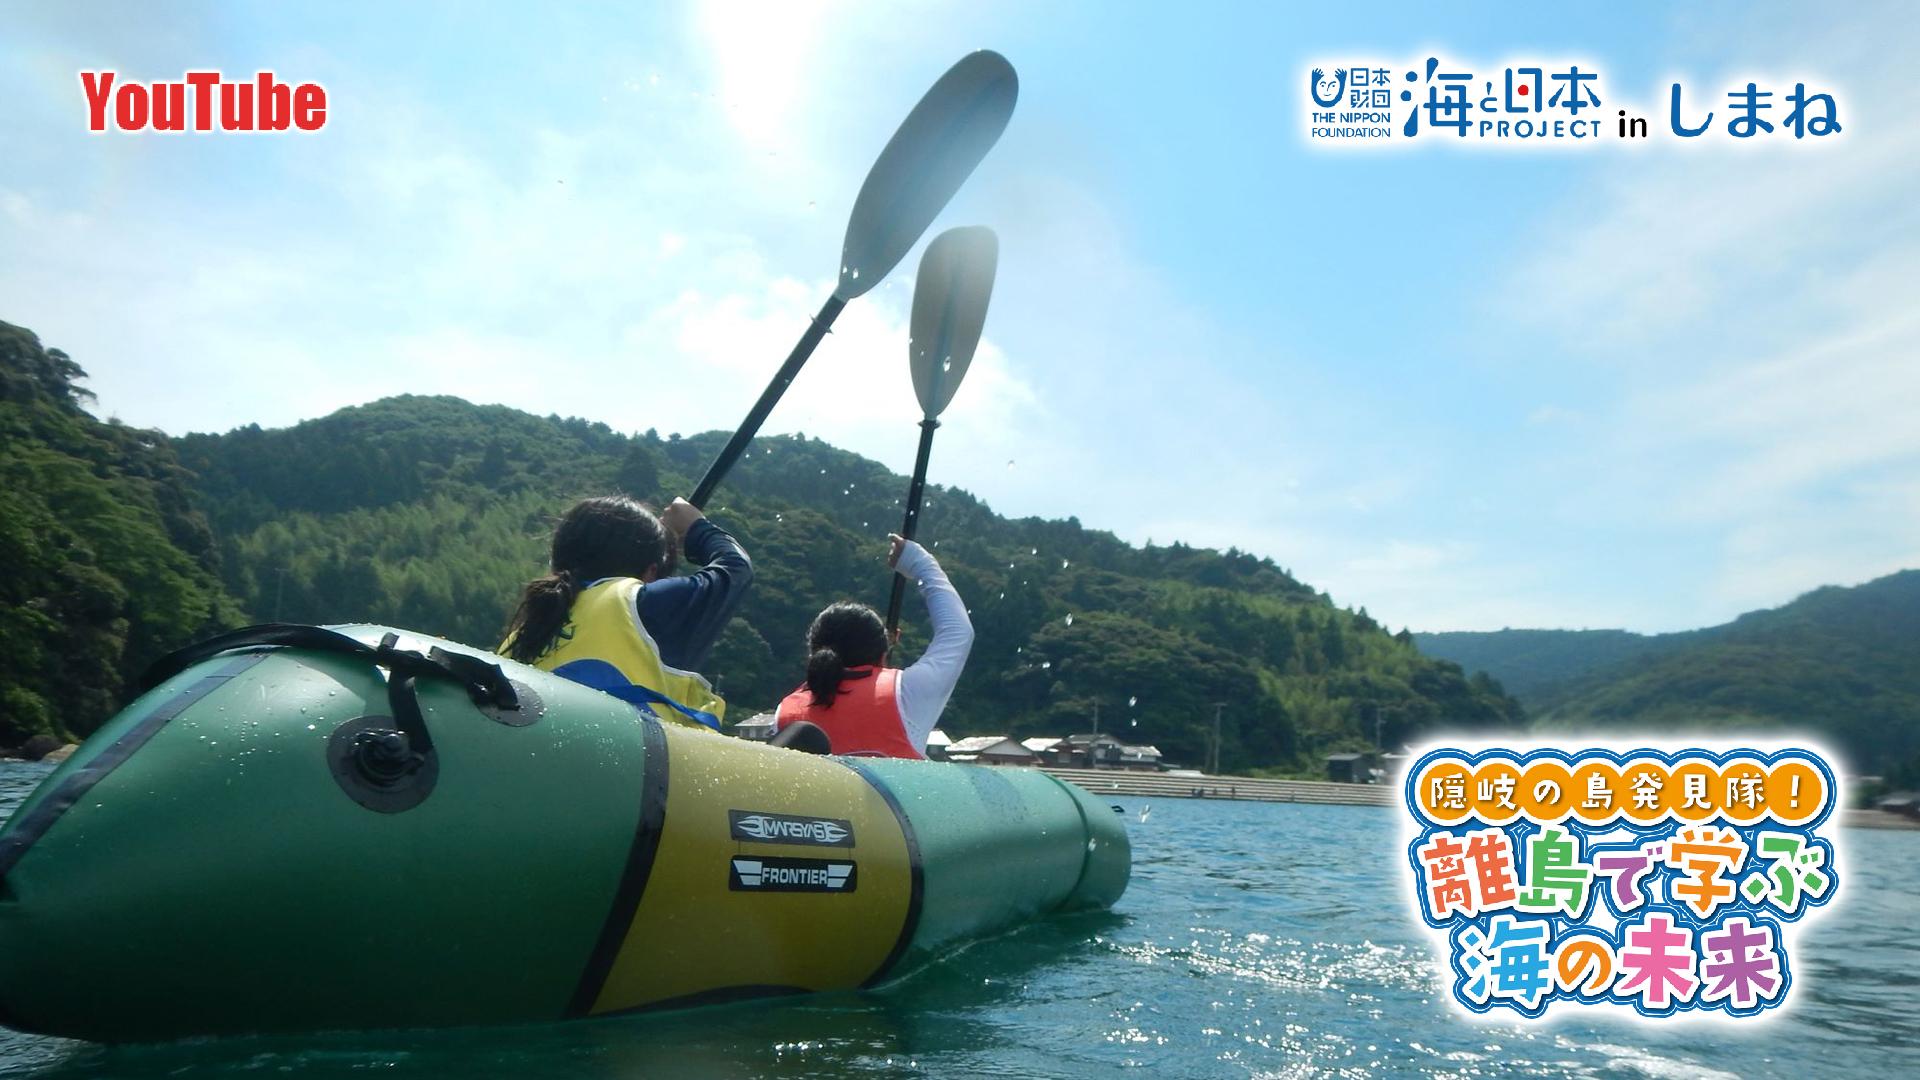 隠岐の島発見隊!離島で学ぶ海の未来part2YouTube